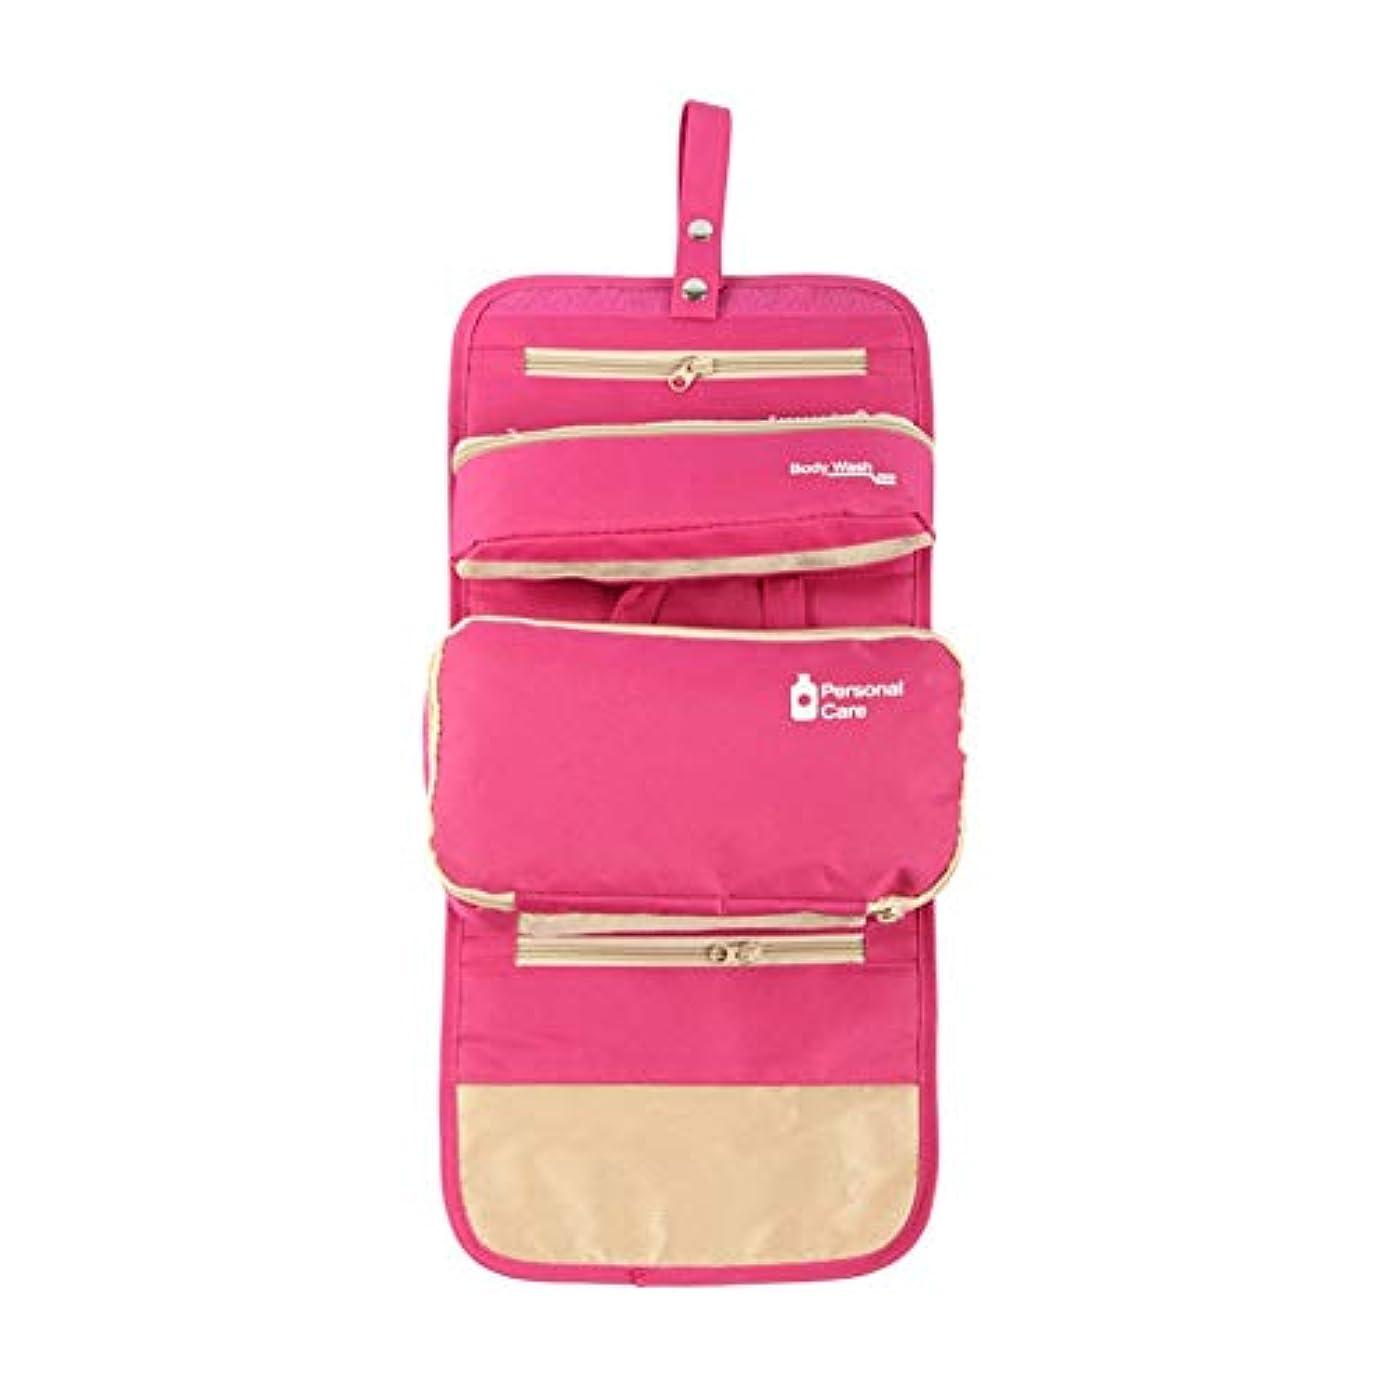 評価ステージアクティビティ特大スペース収納ビューティーボックス 女の子の女性旅行のための新しく、実用的な携帯用化粧箱およびロックおよび皿が付いている毎日の貯蔵 化粧品化粧台 (色 : ピンク)